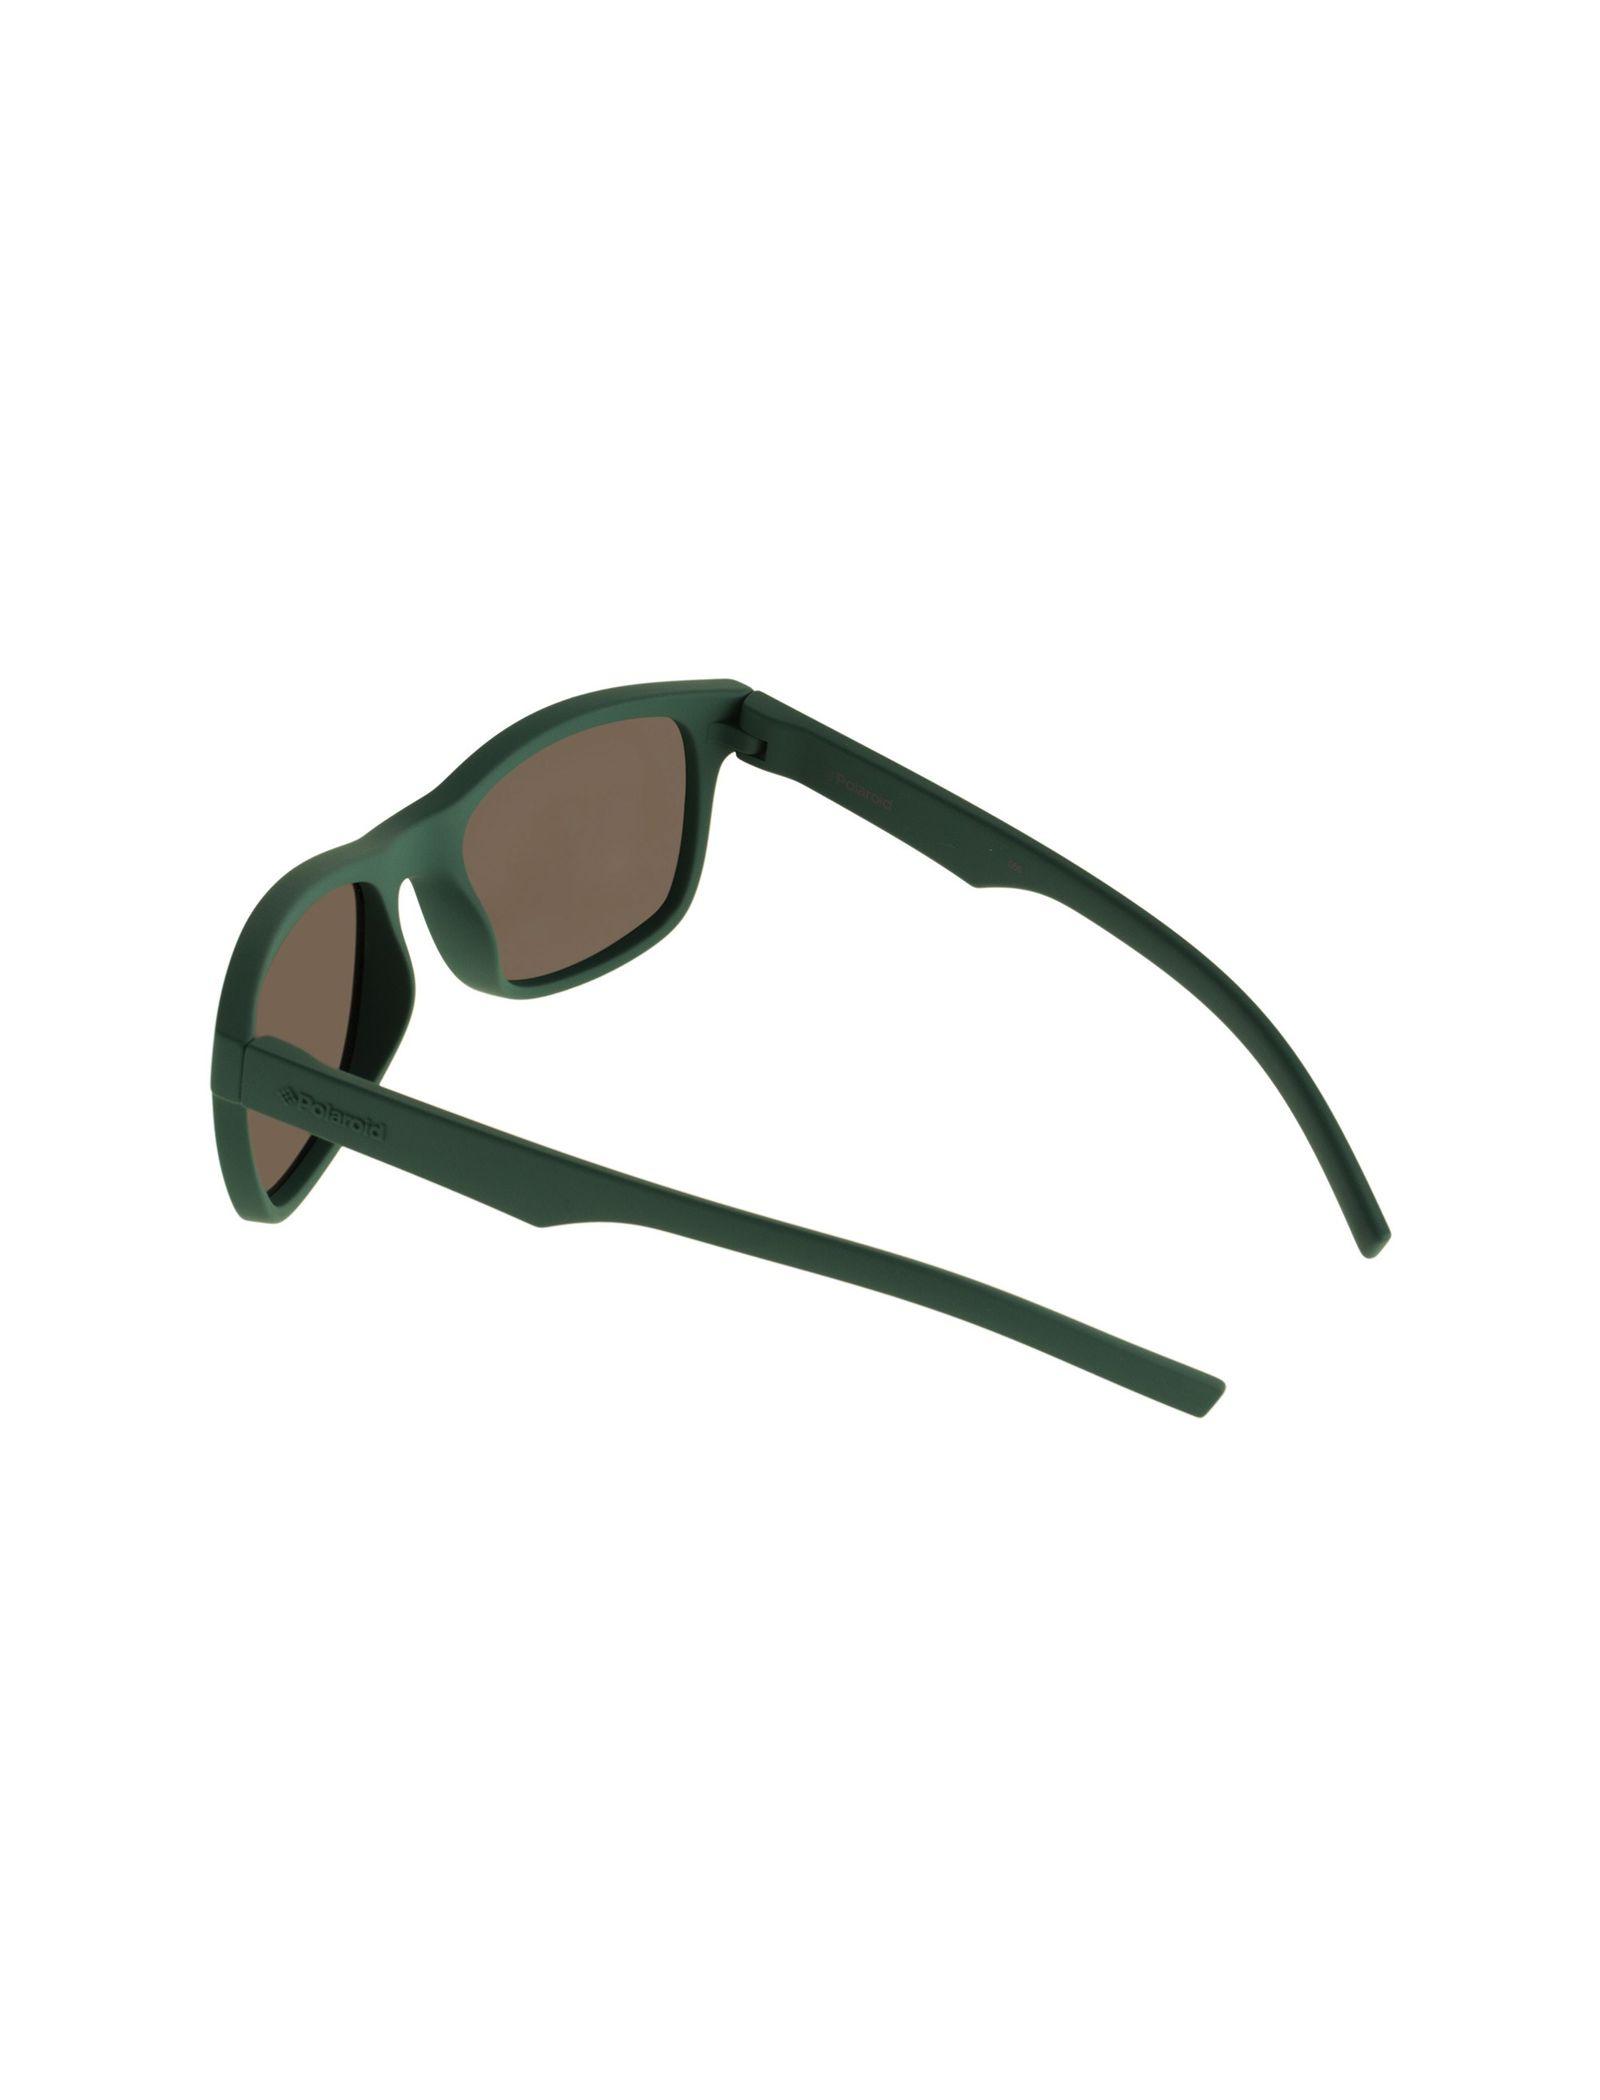 عینک آفتابی ویفرر بچگانه - پولاروید - سبز آبي - 4